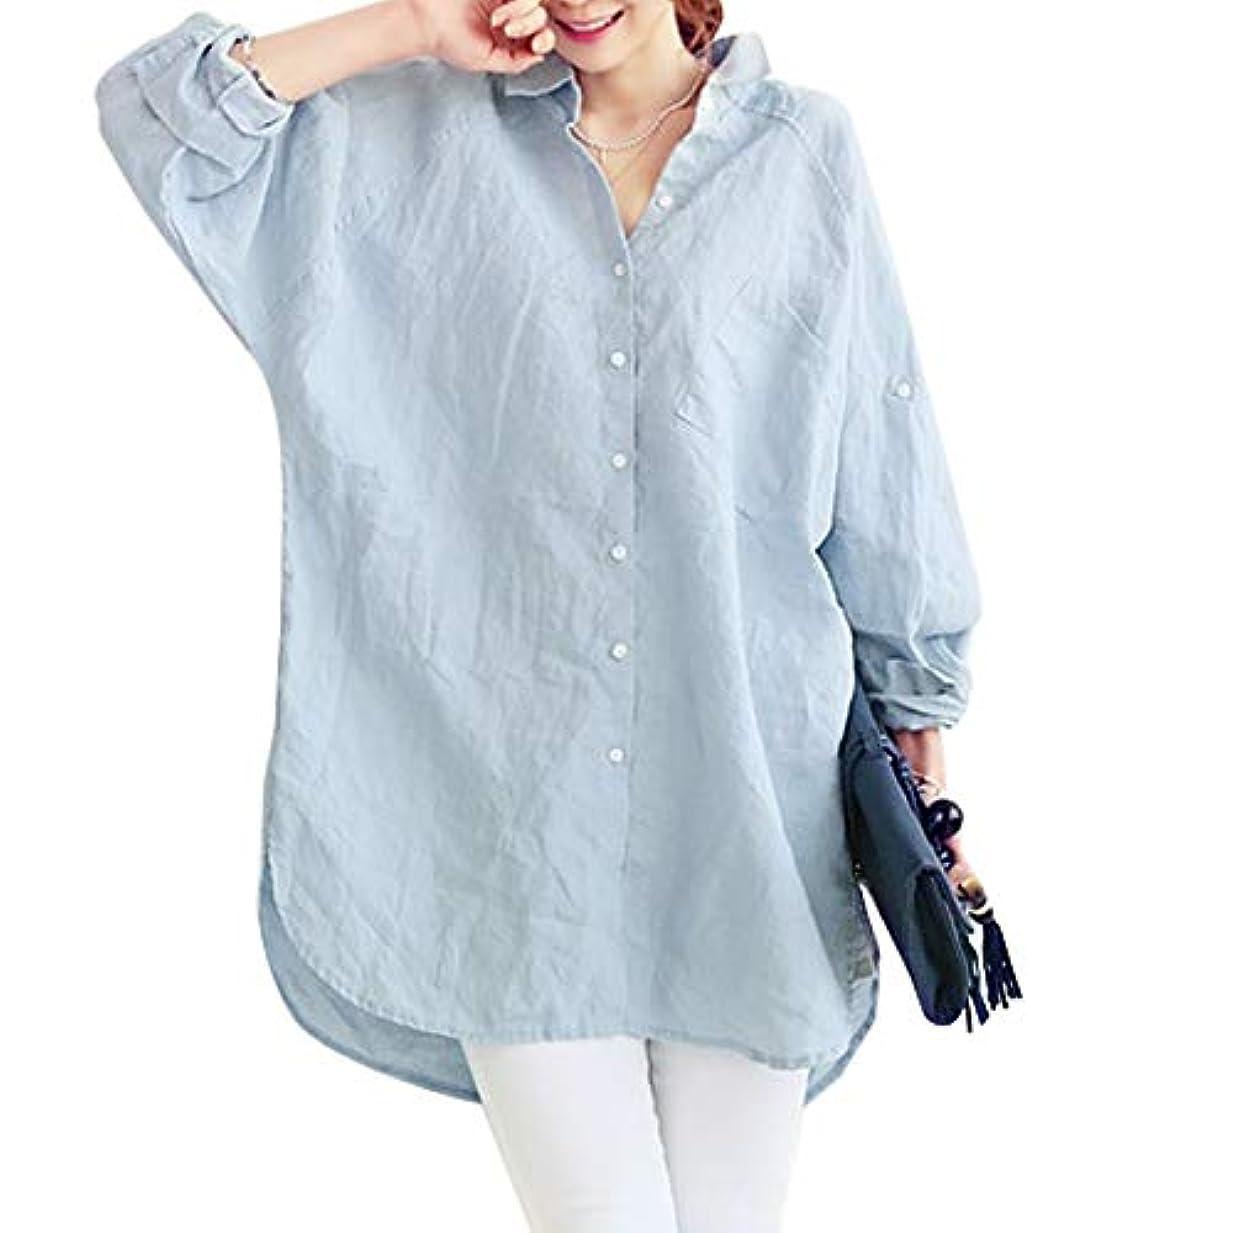 食用観光に行くラジエーター[ココチエ] シャツ ワンピ レディース ブラウス 長袖 ロング 水色 白 大きいサイズ おおきいサイズ おしゃれ ゆったり 体型カバー 前開き